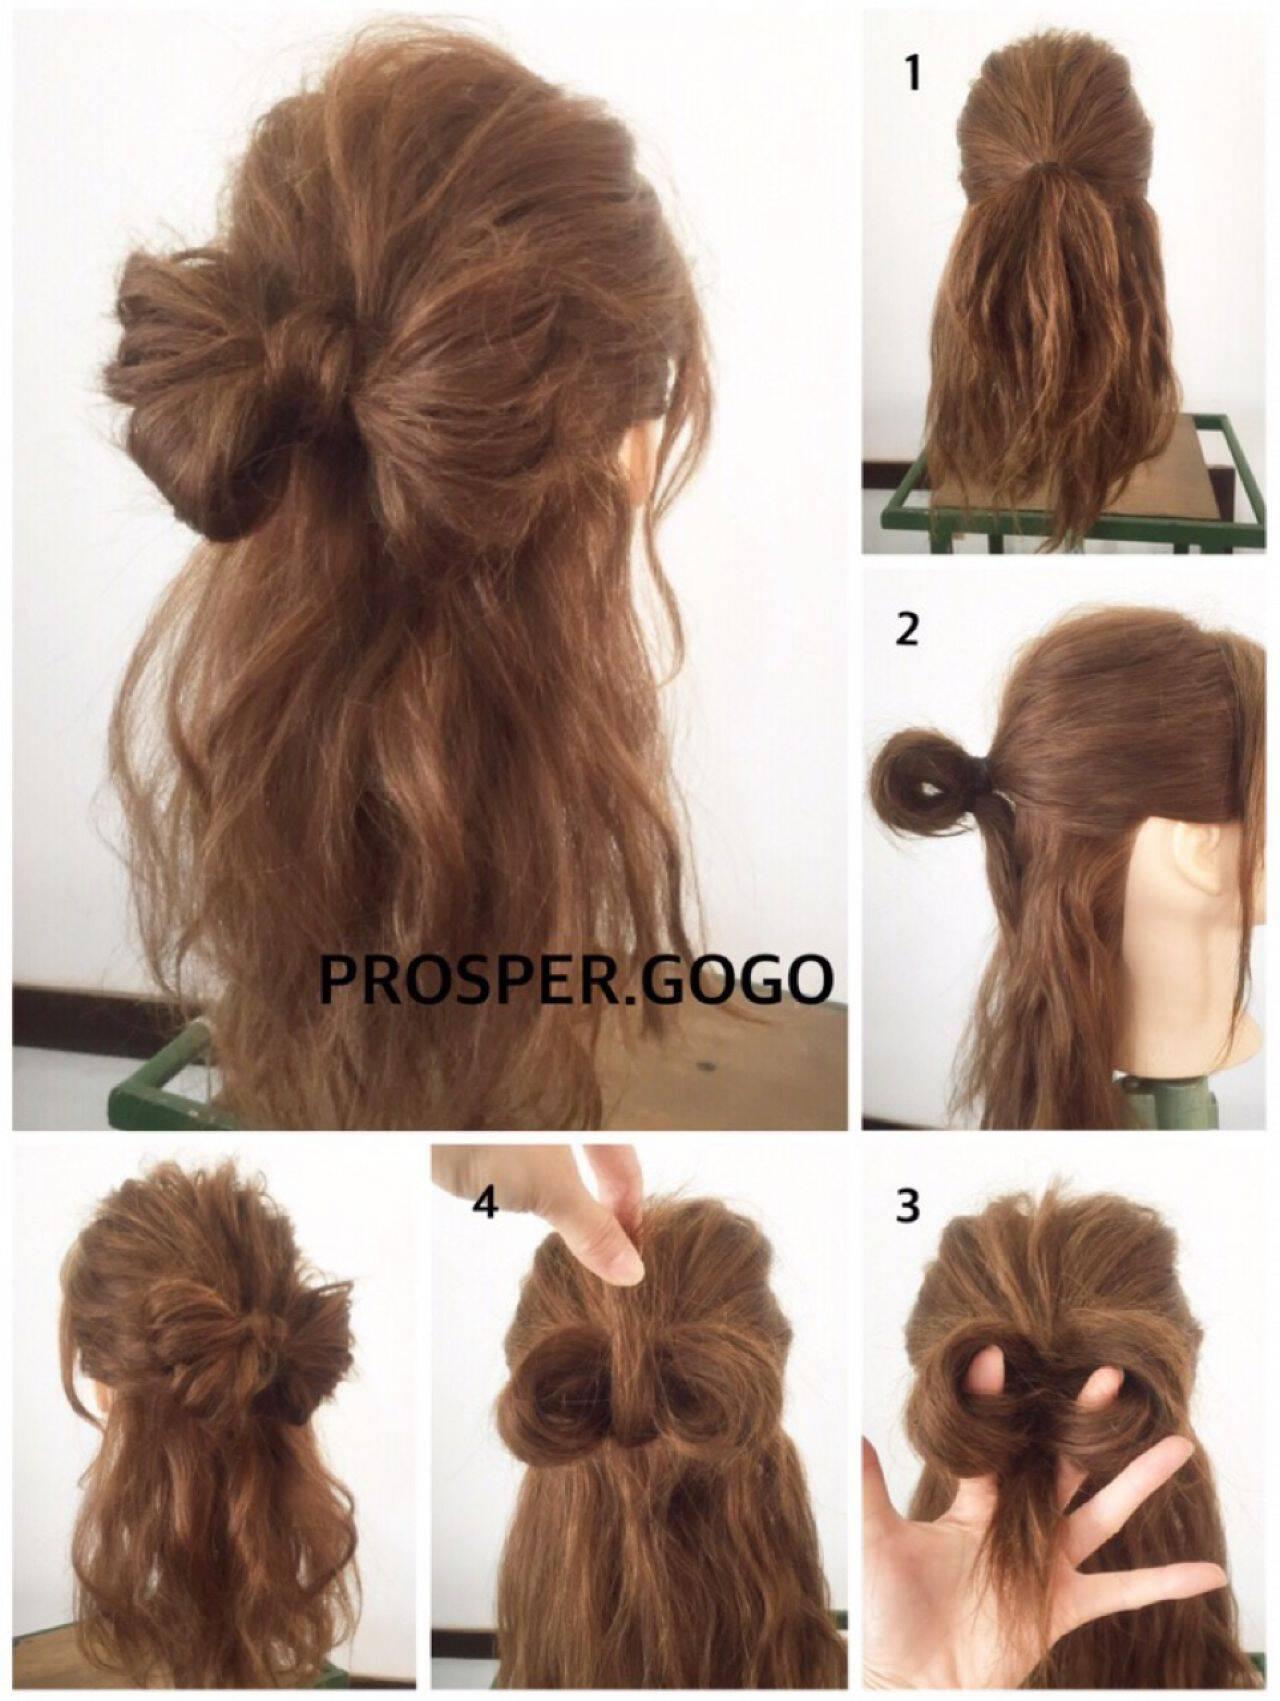 ヘアアレンジ 簡単ヘアアレンジ コンサバ セルフヘアアレンジヘアスタイルや髪型の写真・画像